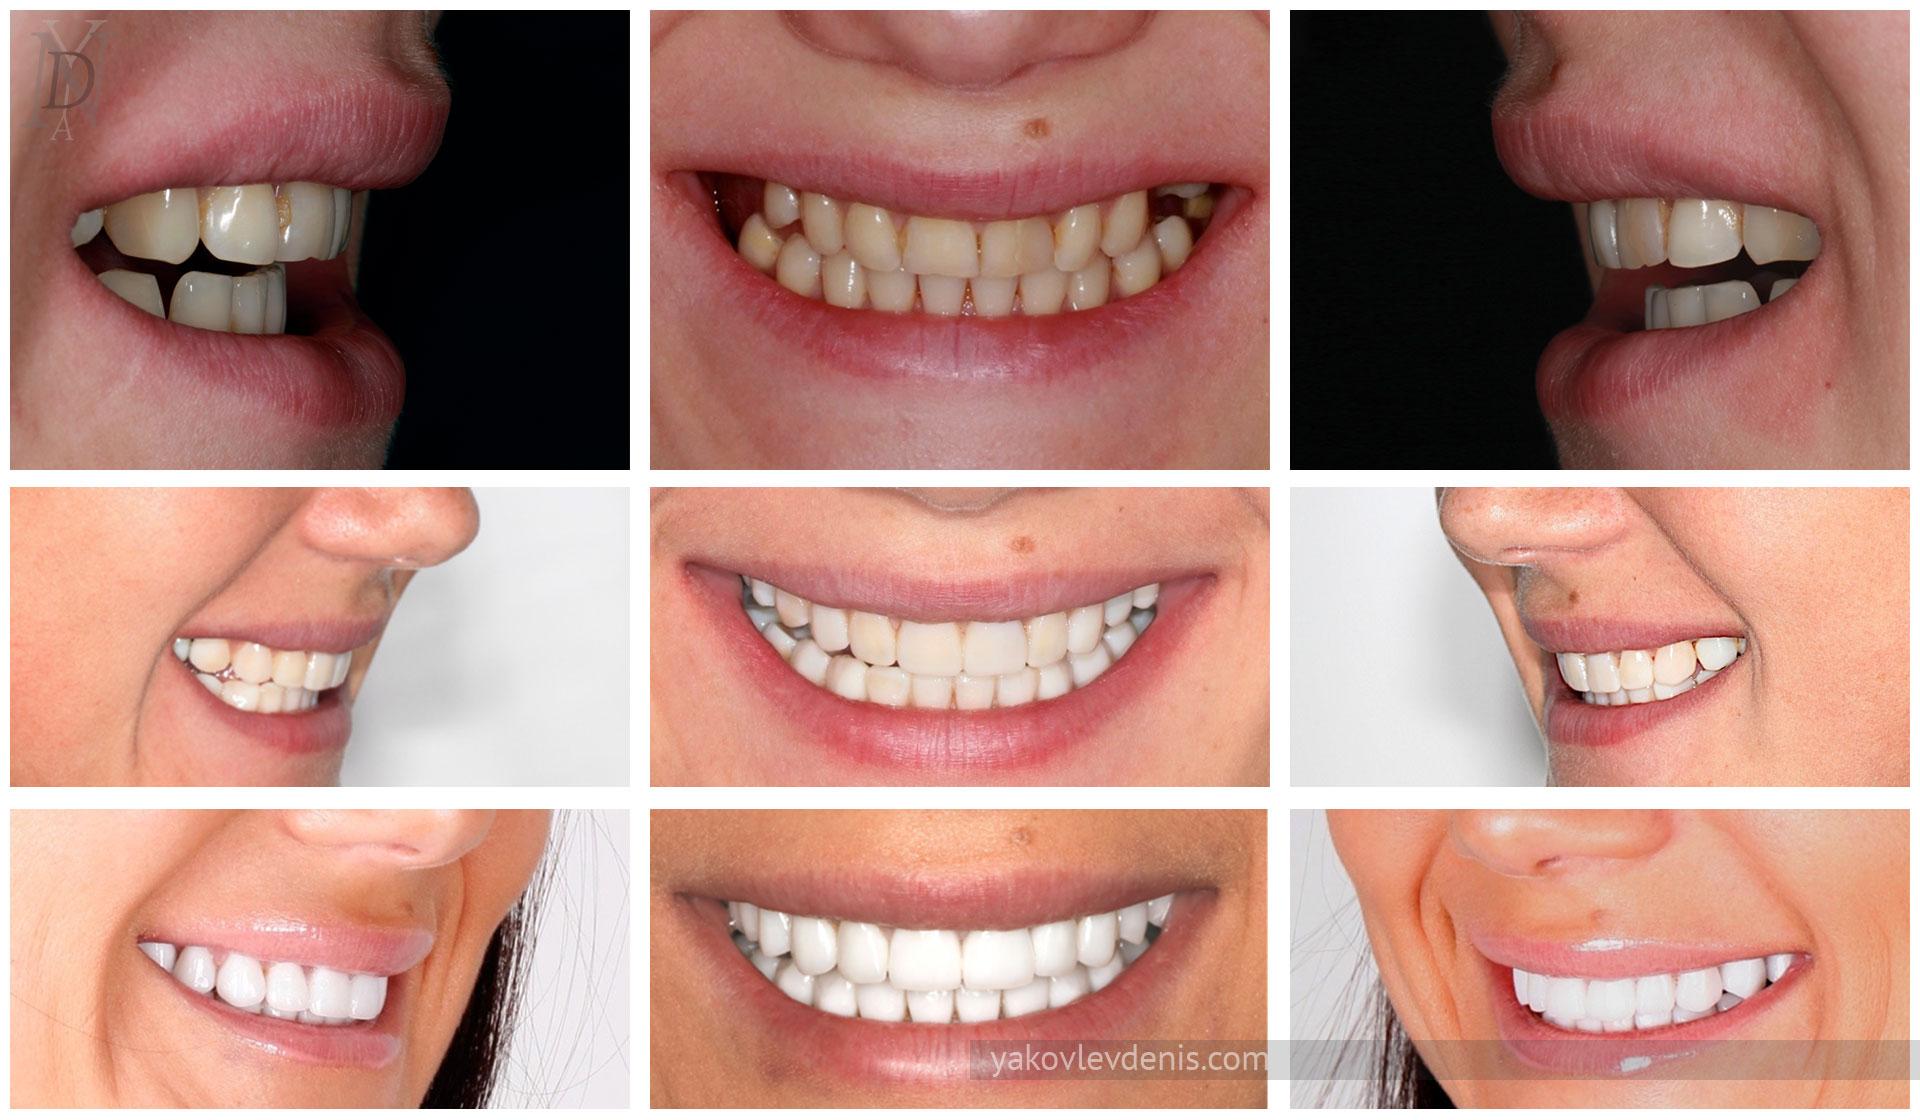 использование виниров при отсутствии зуба